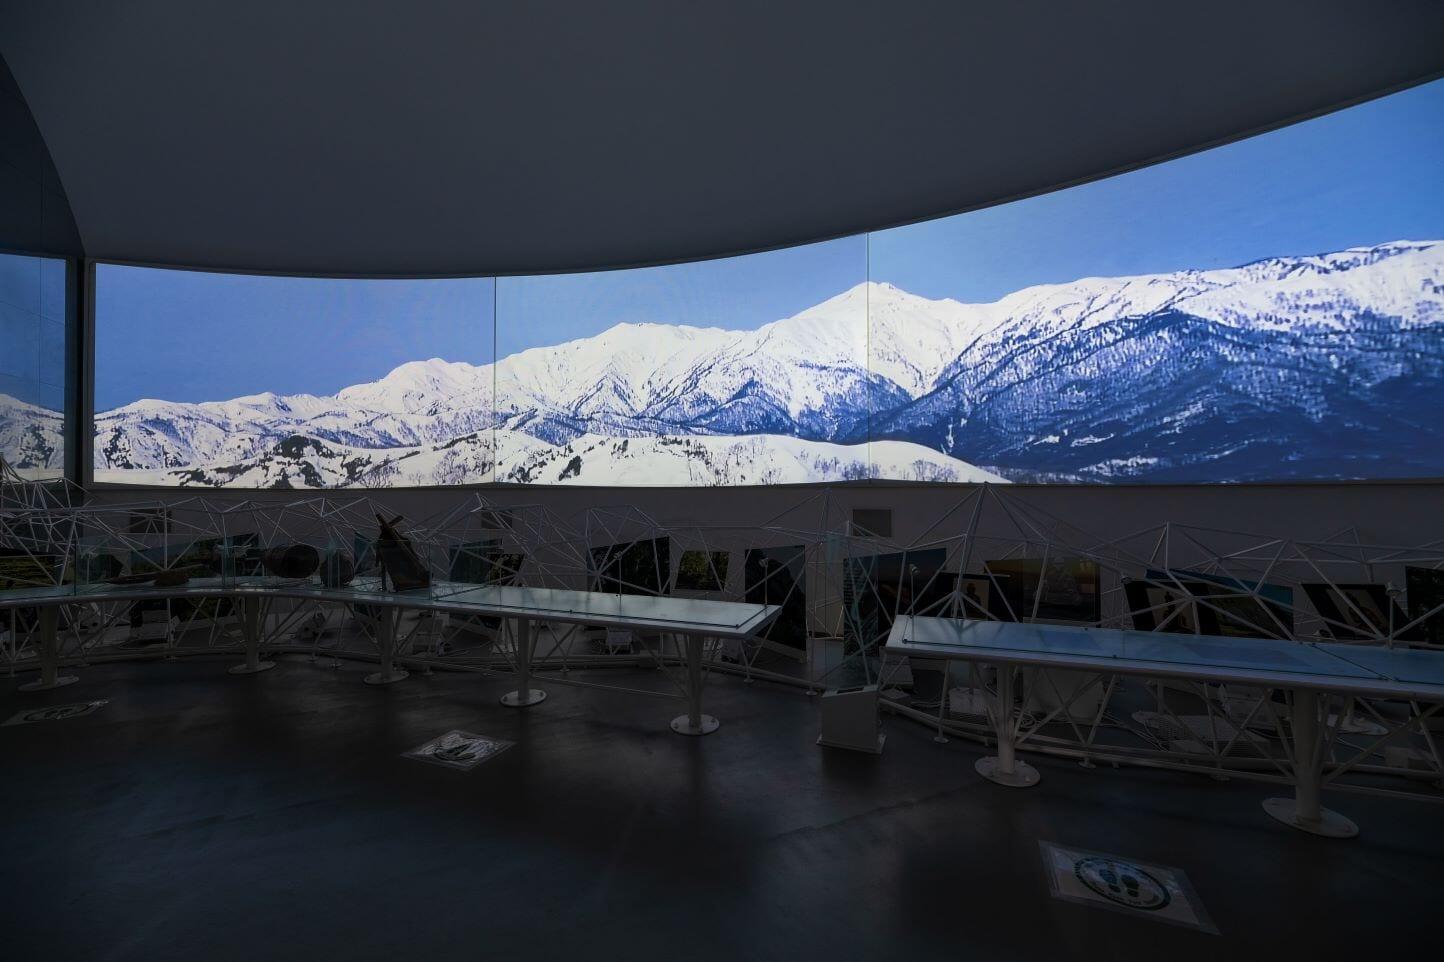 白山文化博物館 スライダー画像2